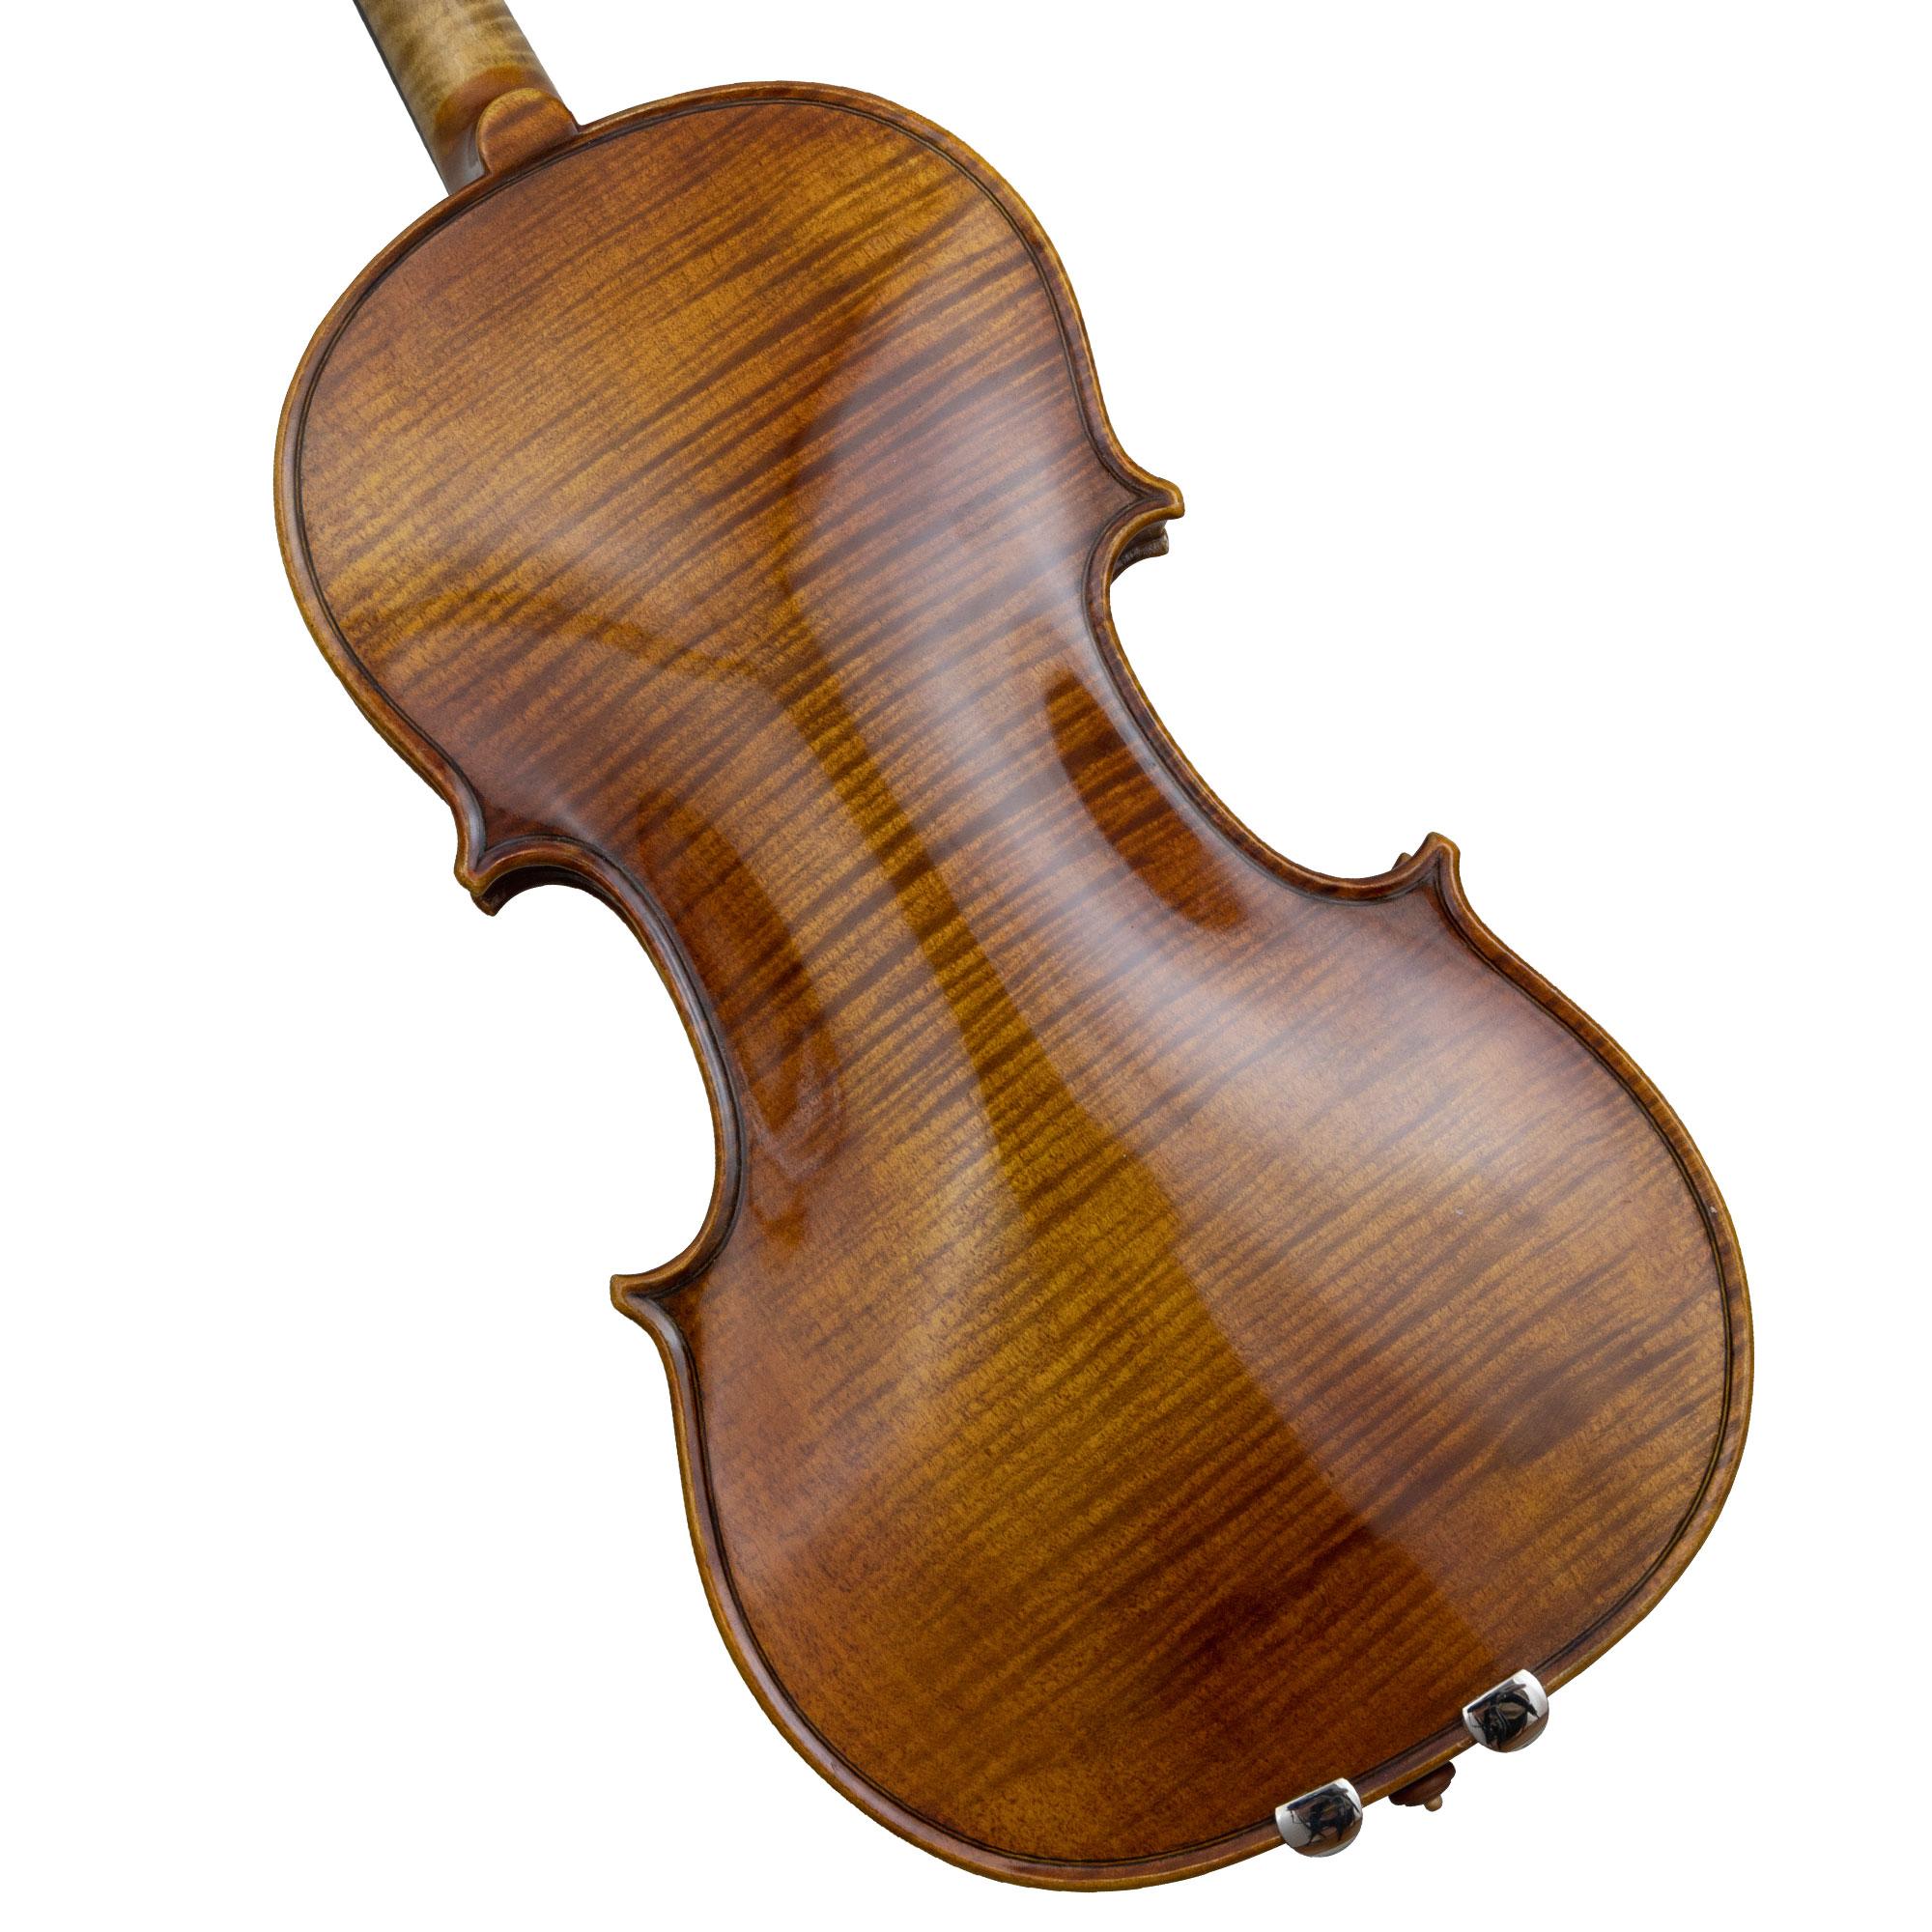 Kremona Studio Hristo Nikolov Stradivari Violin 2013 in action